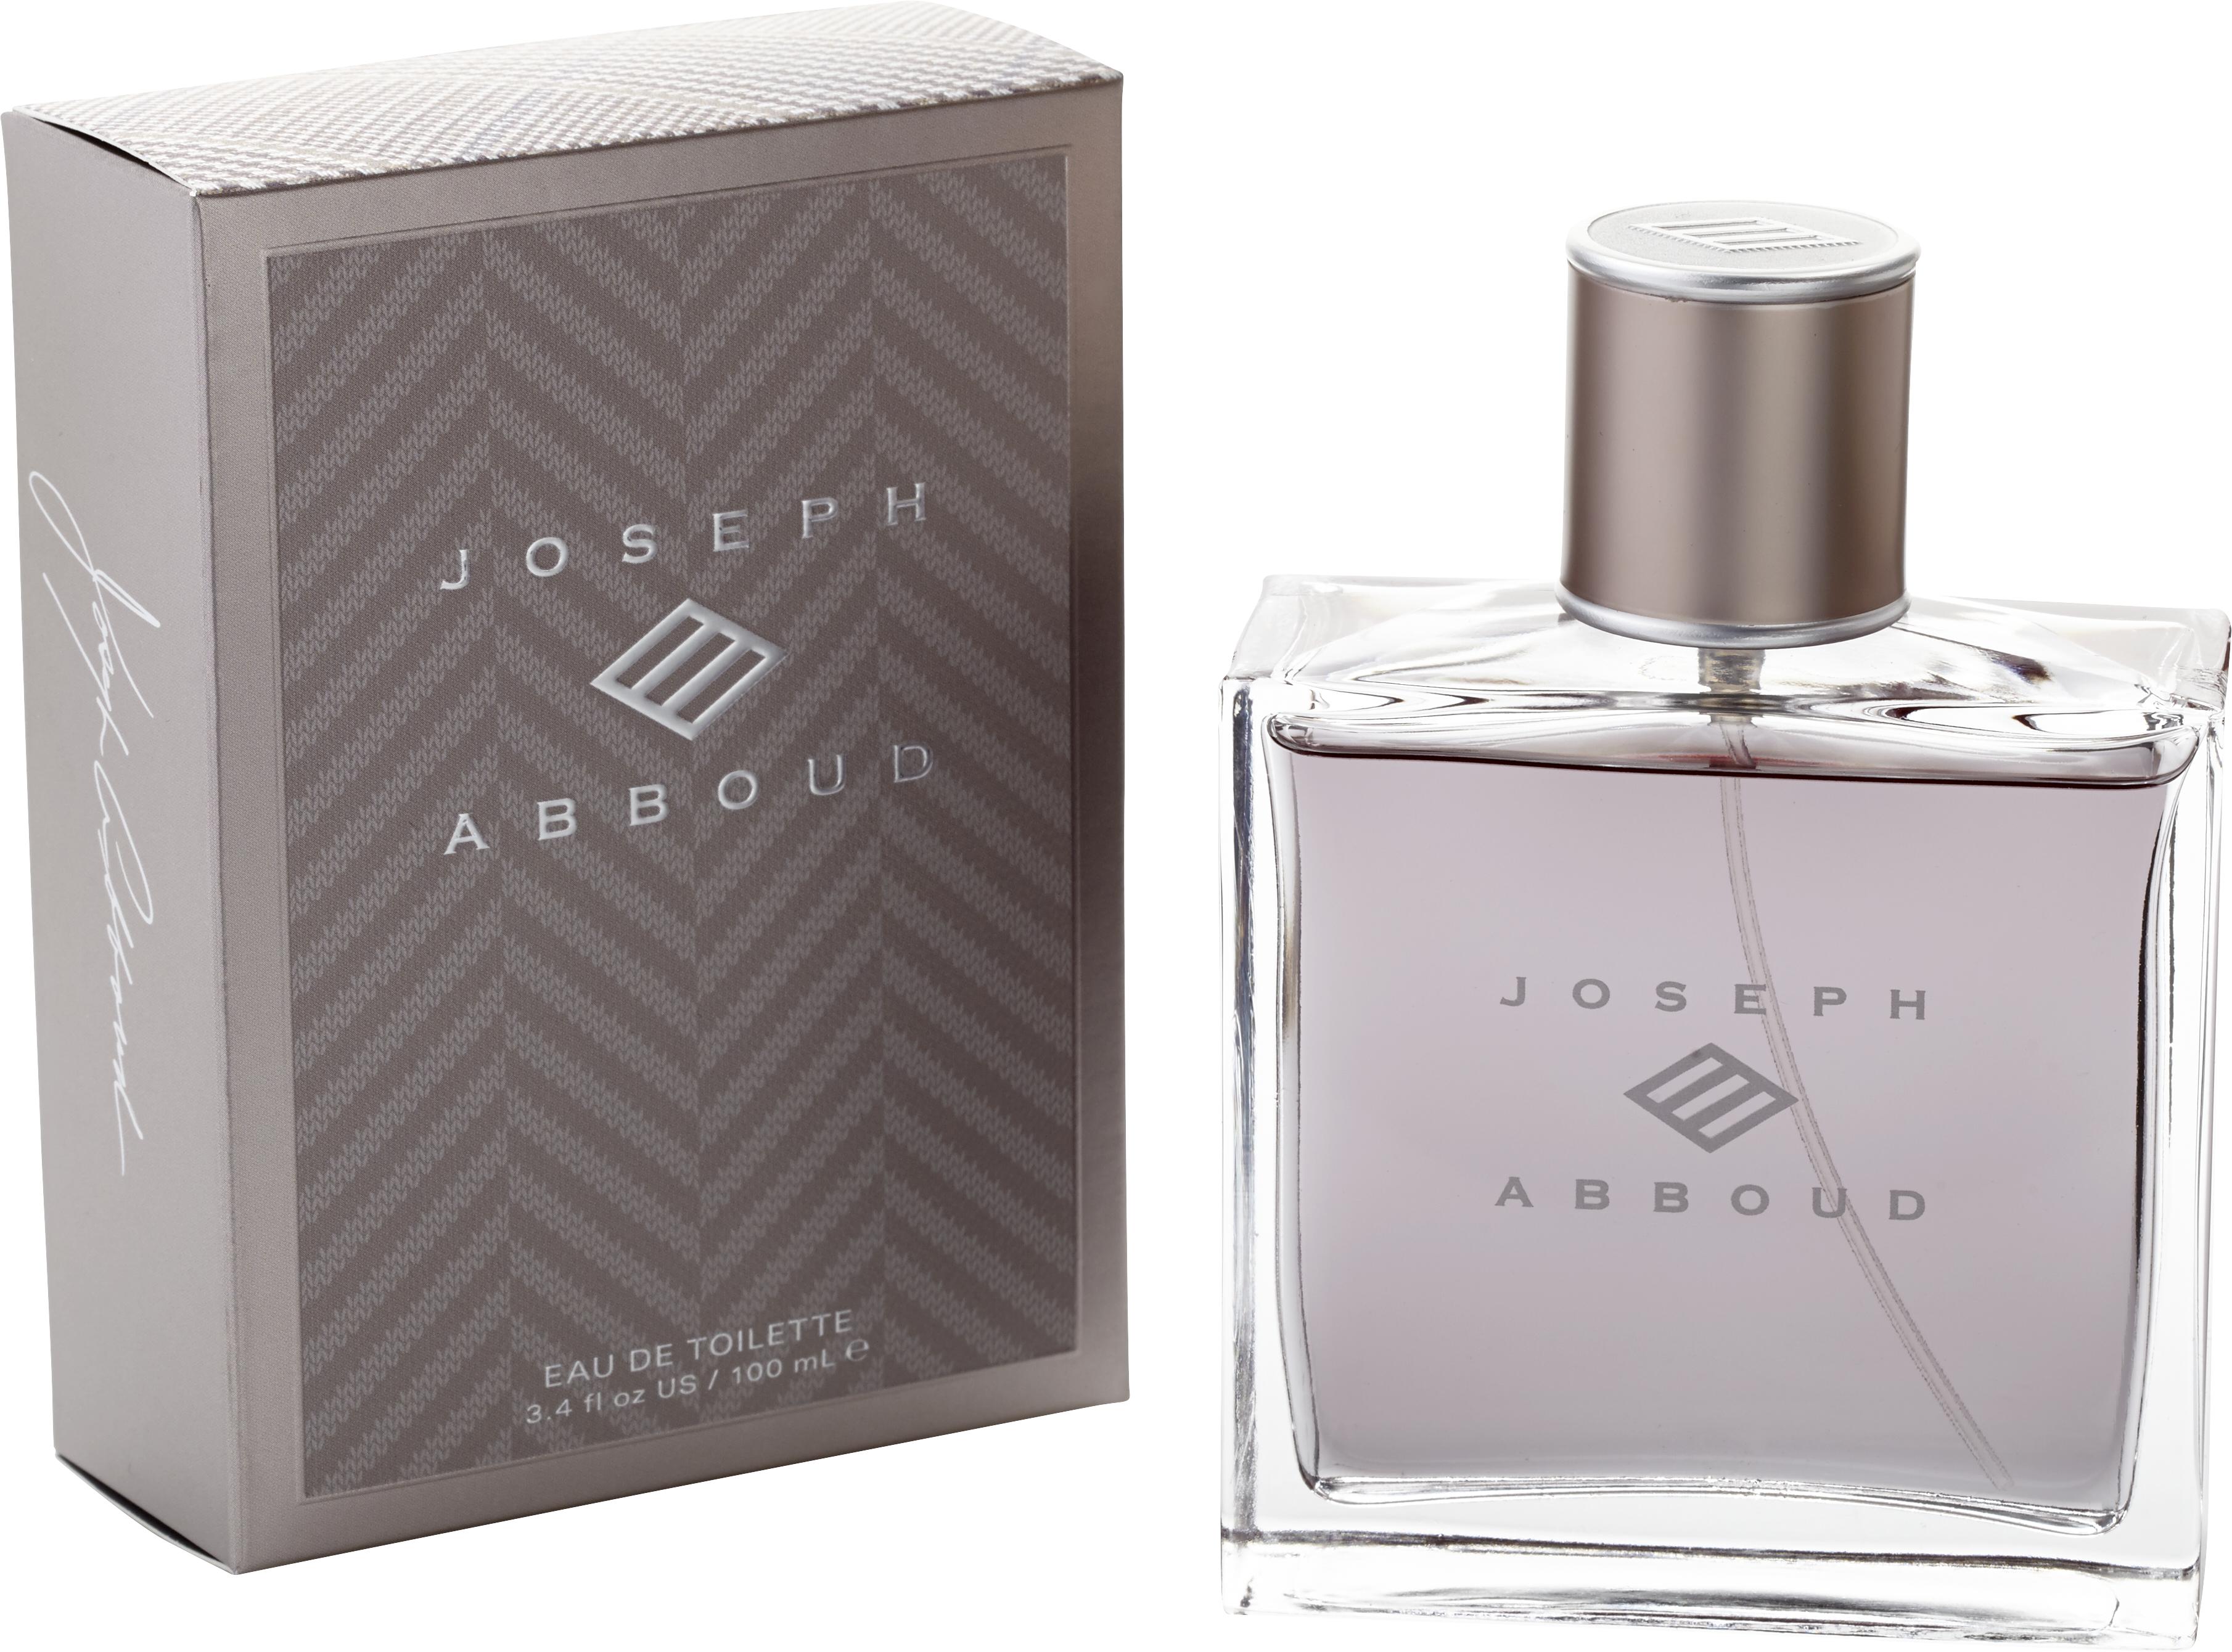 JOS A. Bank Men's Joseph Abboud Fragrance, 3.4 fl. oz, No Color, Misc